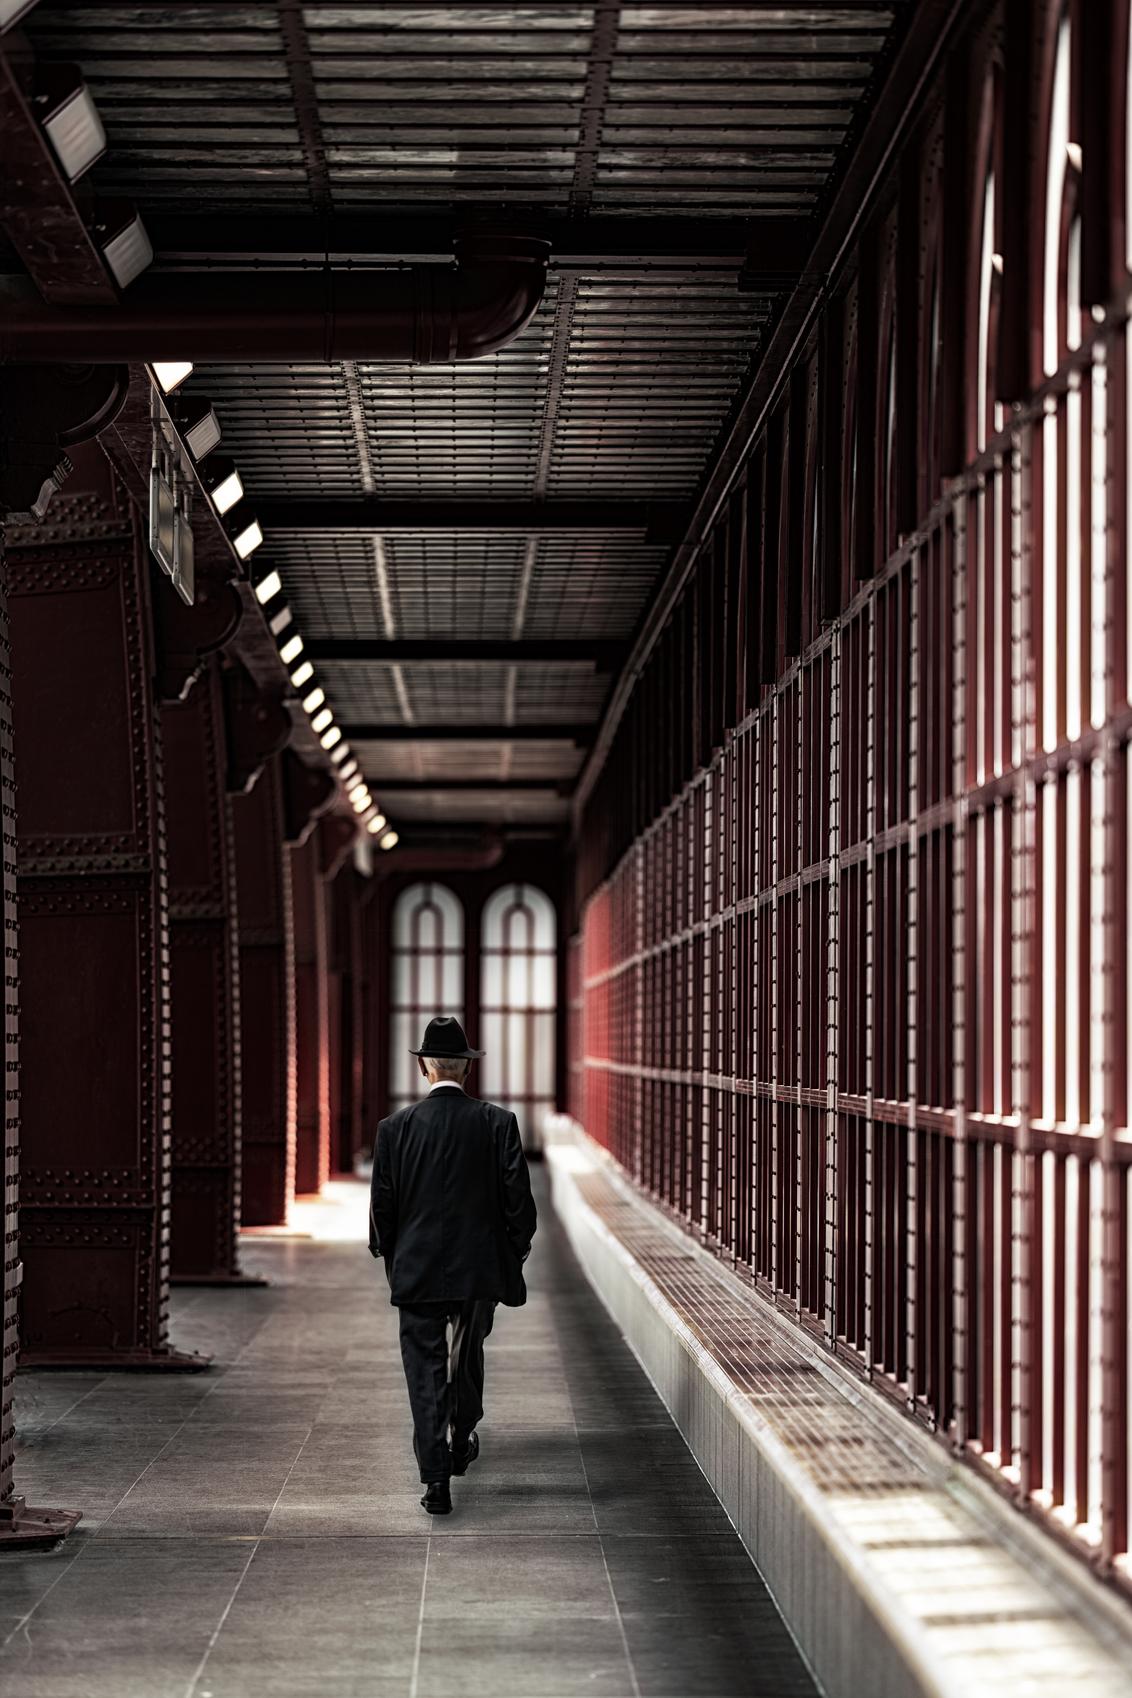 De wandeling... - - - foto door Phil-H op 25-07-2020 - deze foto bevat: man, station, antwerpen, straatfotografie